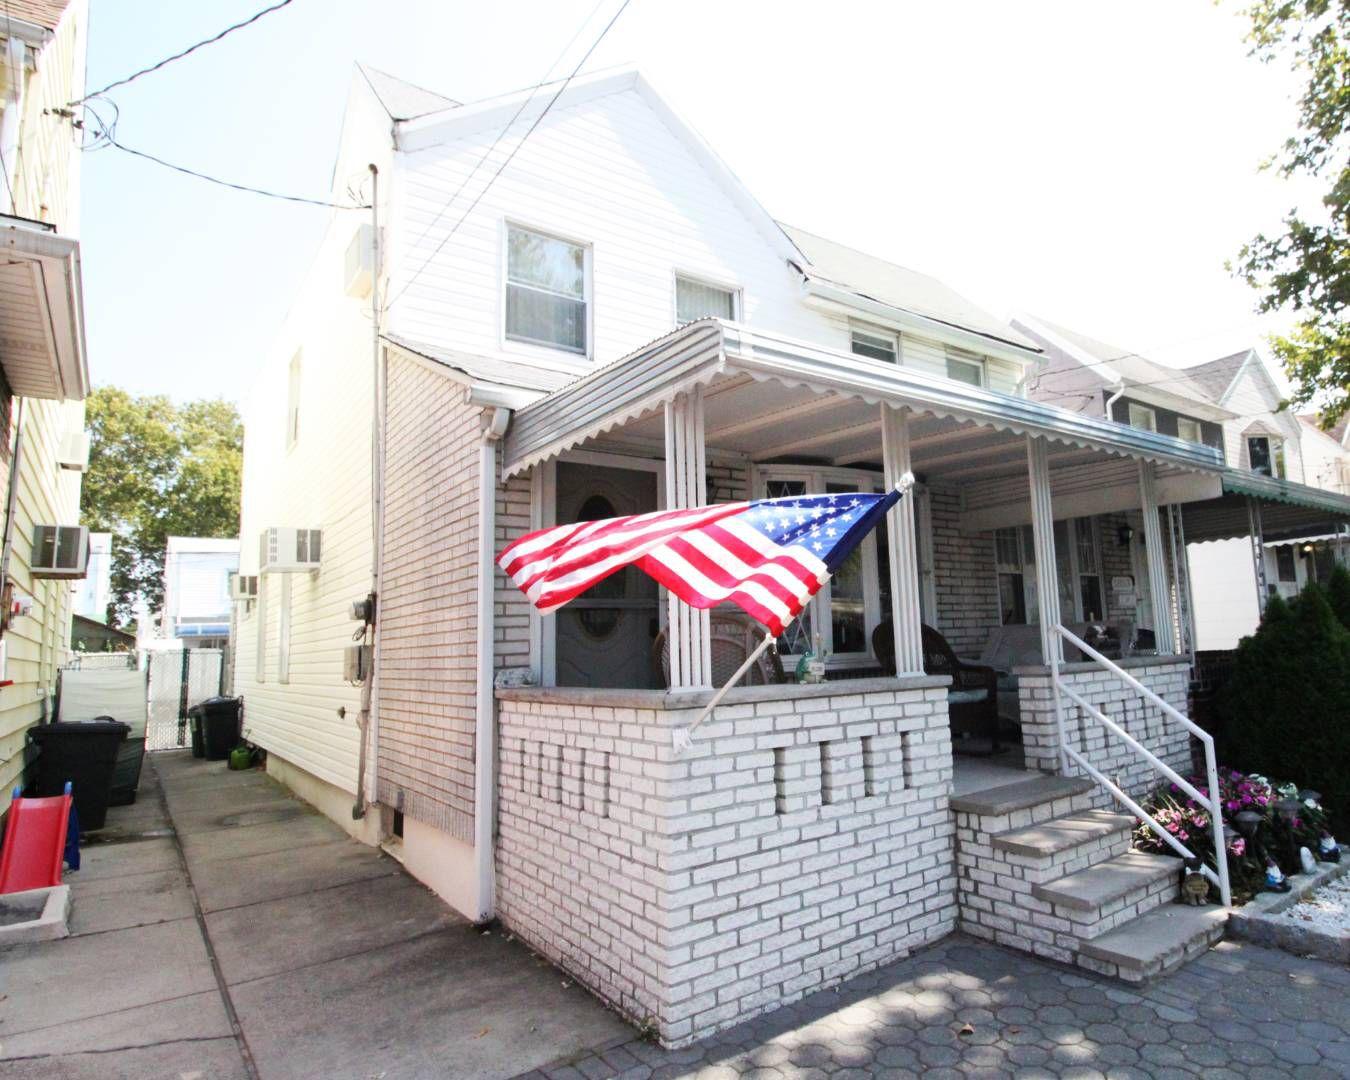 1851 E 34th St Brooklyn Ny 11234 15 Photos Trulia